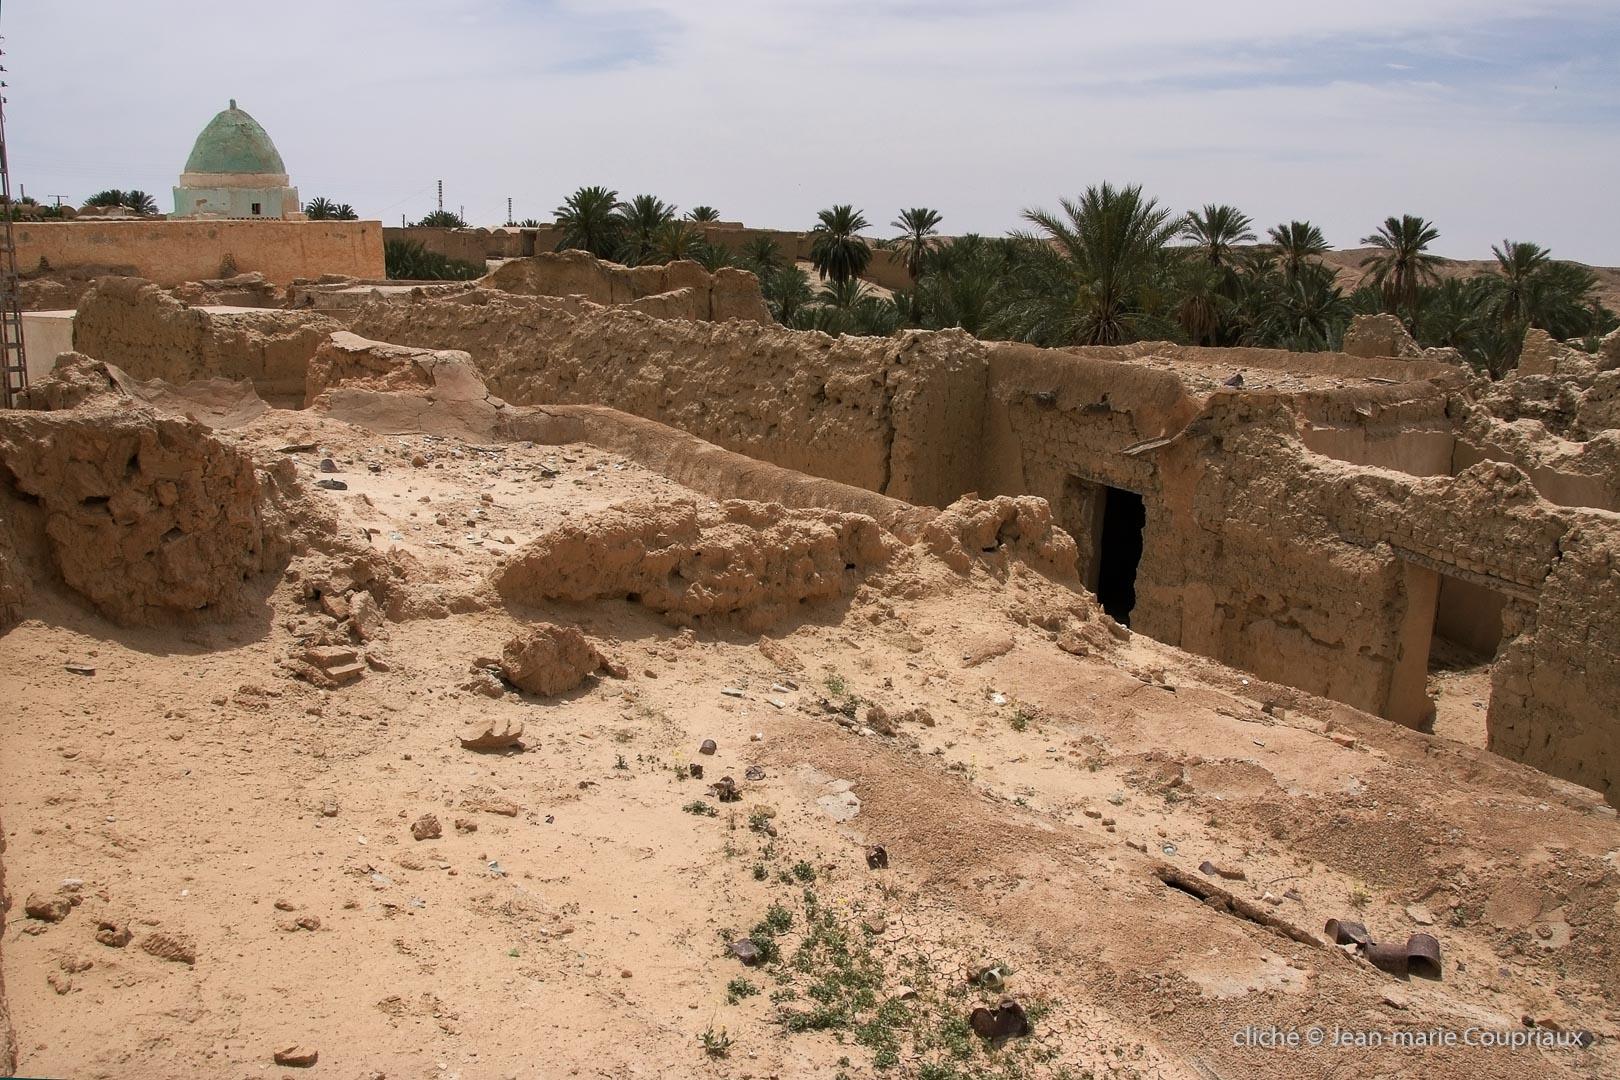 802-2011_Algerie-736